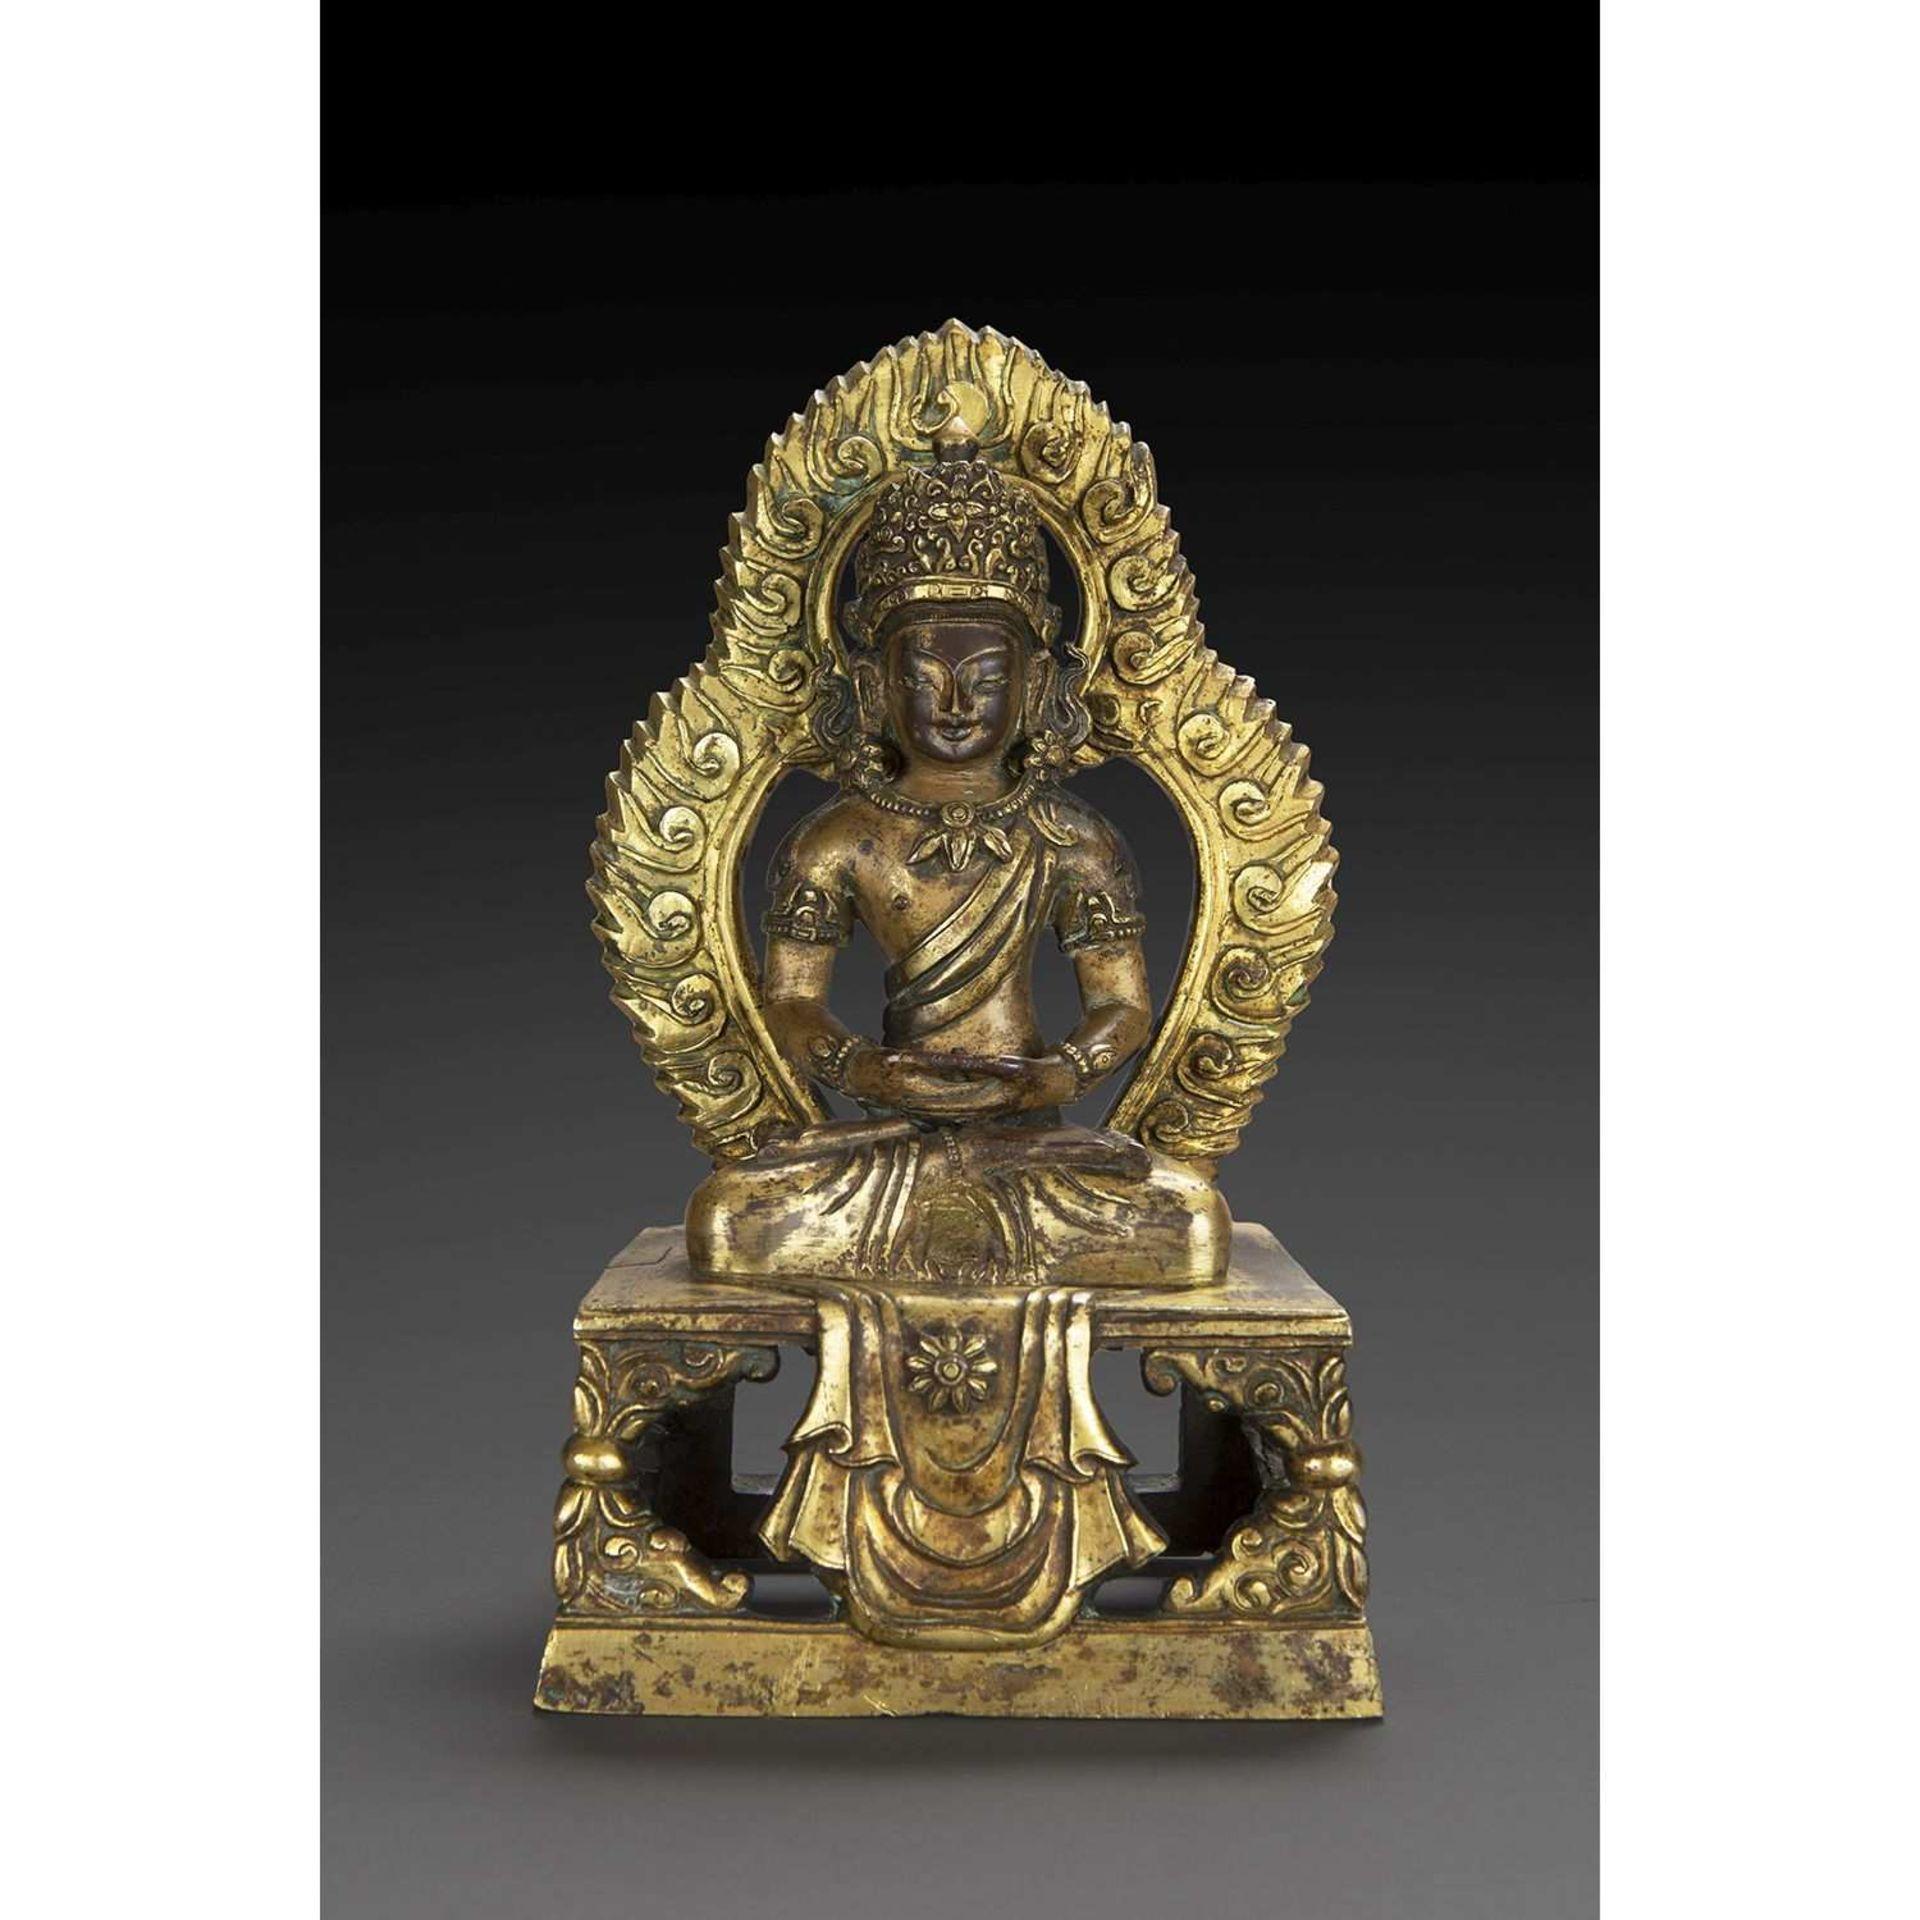 STATUETTE D'AMITAYUS en bronze doré, représenté assis en dhyanasana sur une base quadrangulaire